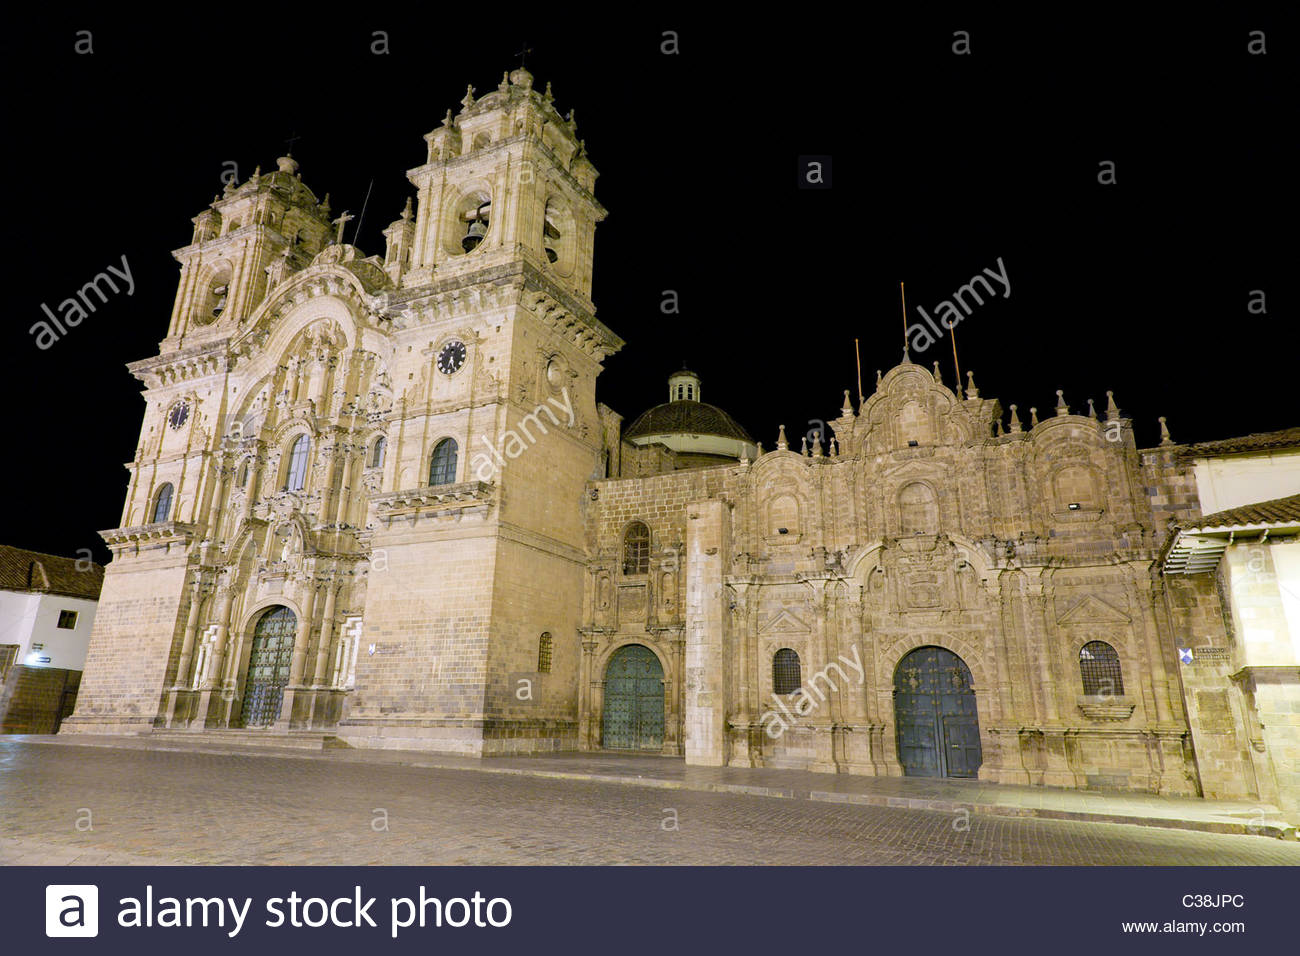 Jesuit Church of La Compañia on Plaza de Armas at night, Cusco, Peru - Stock Image